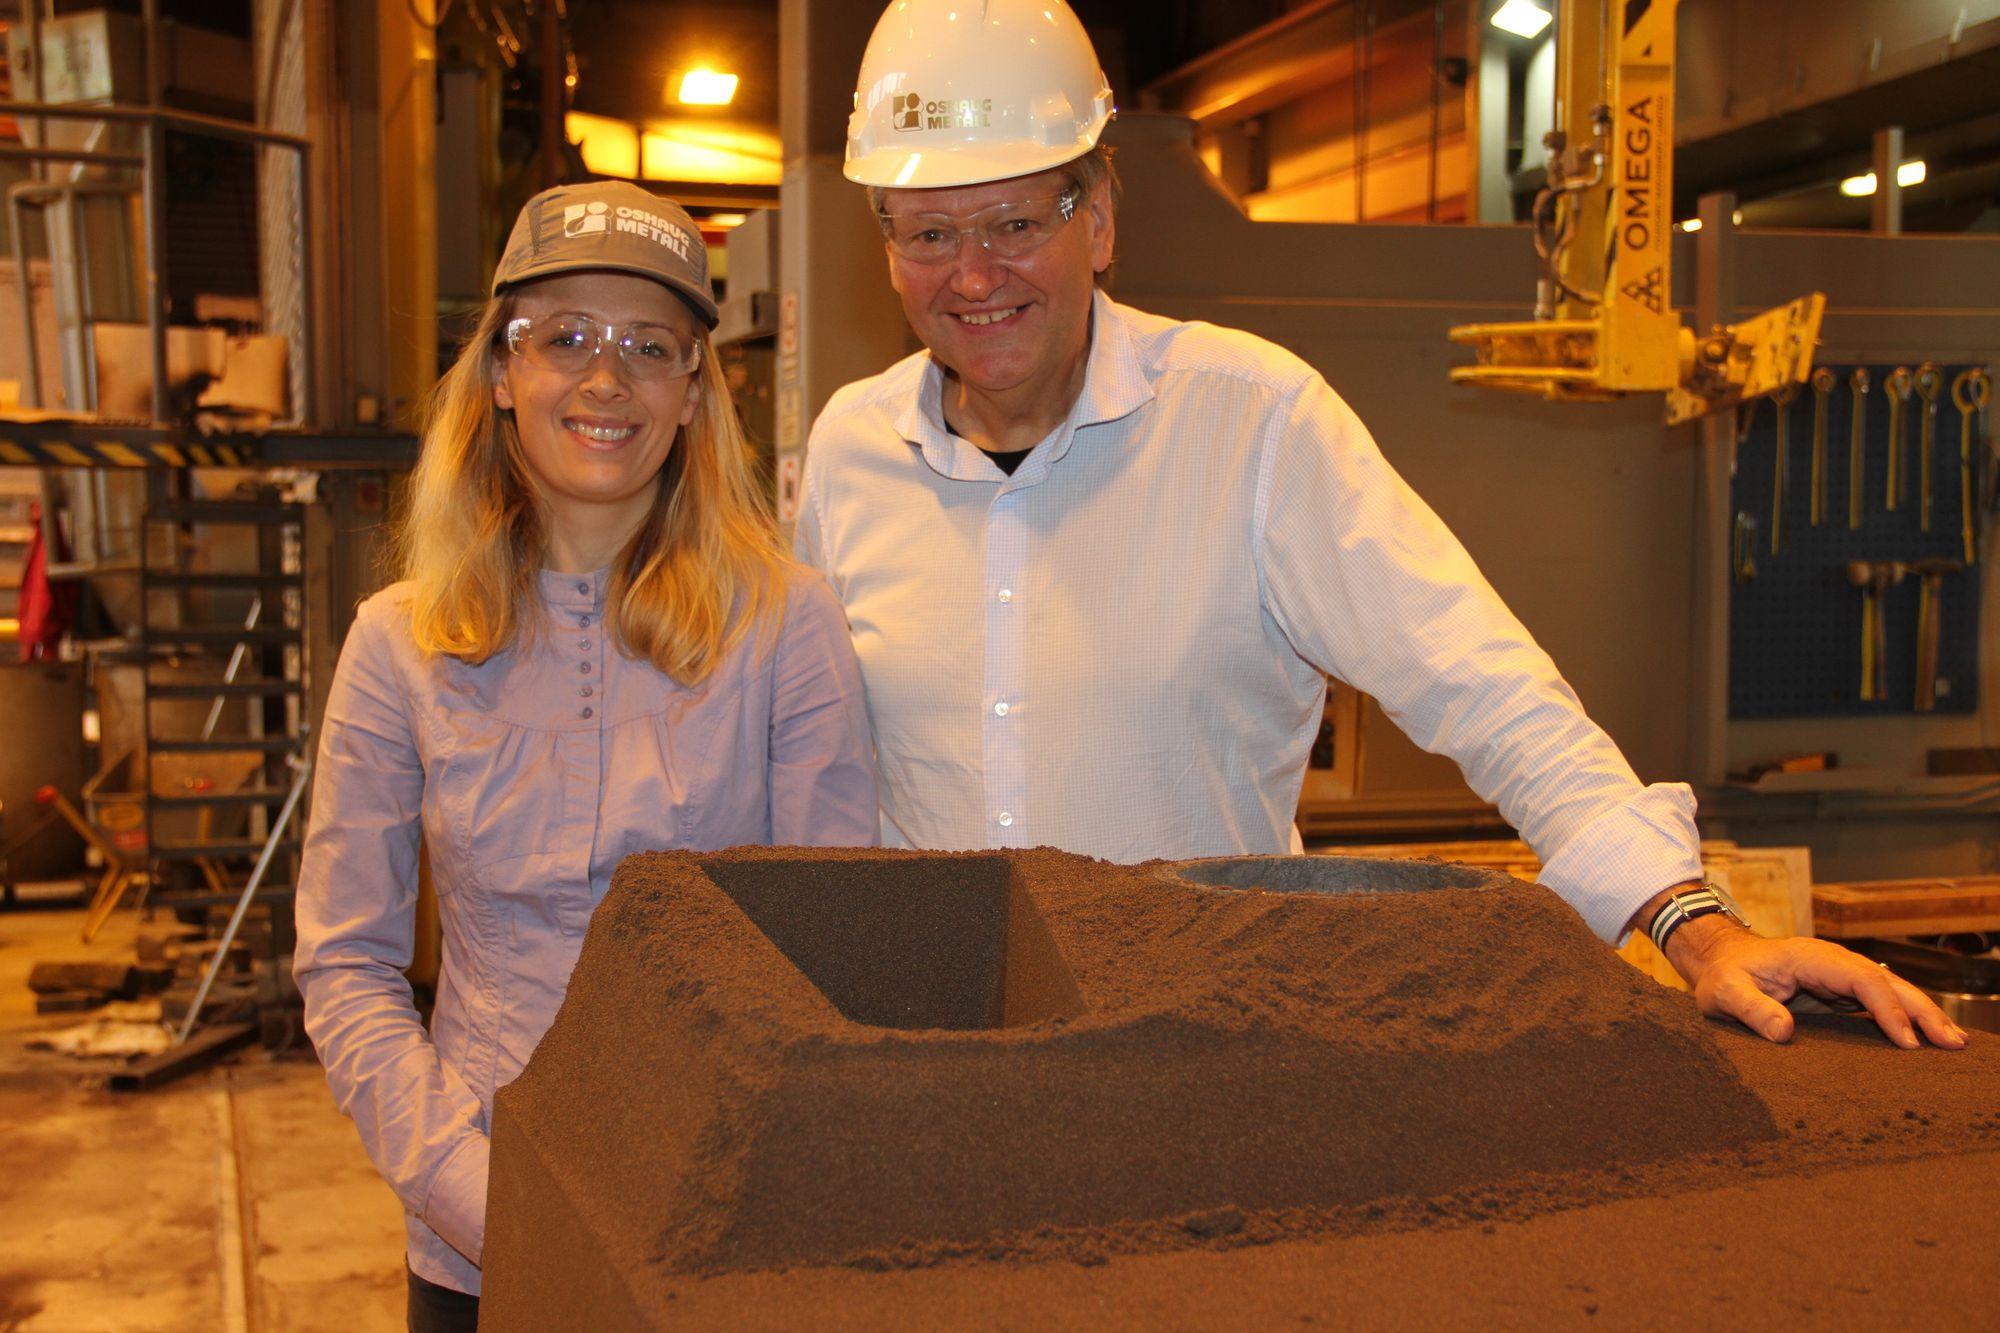 Sand og bindemiddel er utgangspunktet for støpeformene. Allerede i 2018 skal formene kunne lages uten fysisk modell. Mari Klokk Leite og Stein Berg Oshaug foran den halvferdige støpeformen.